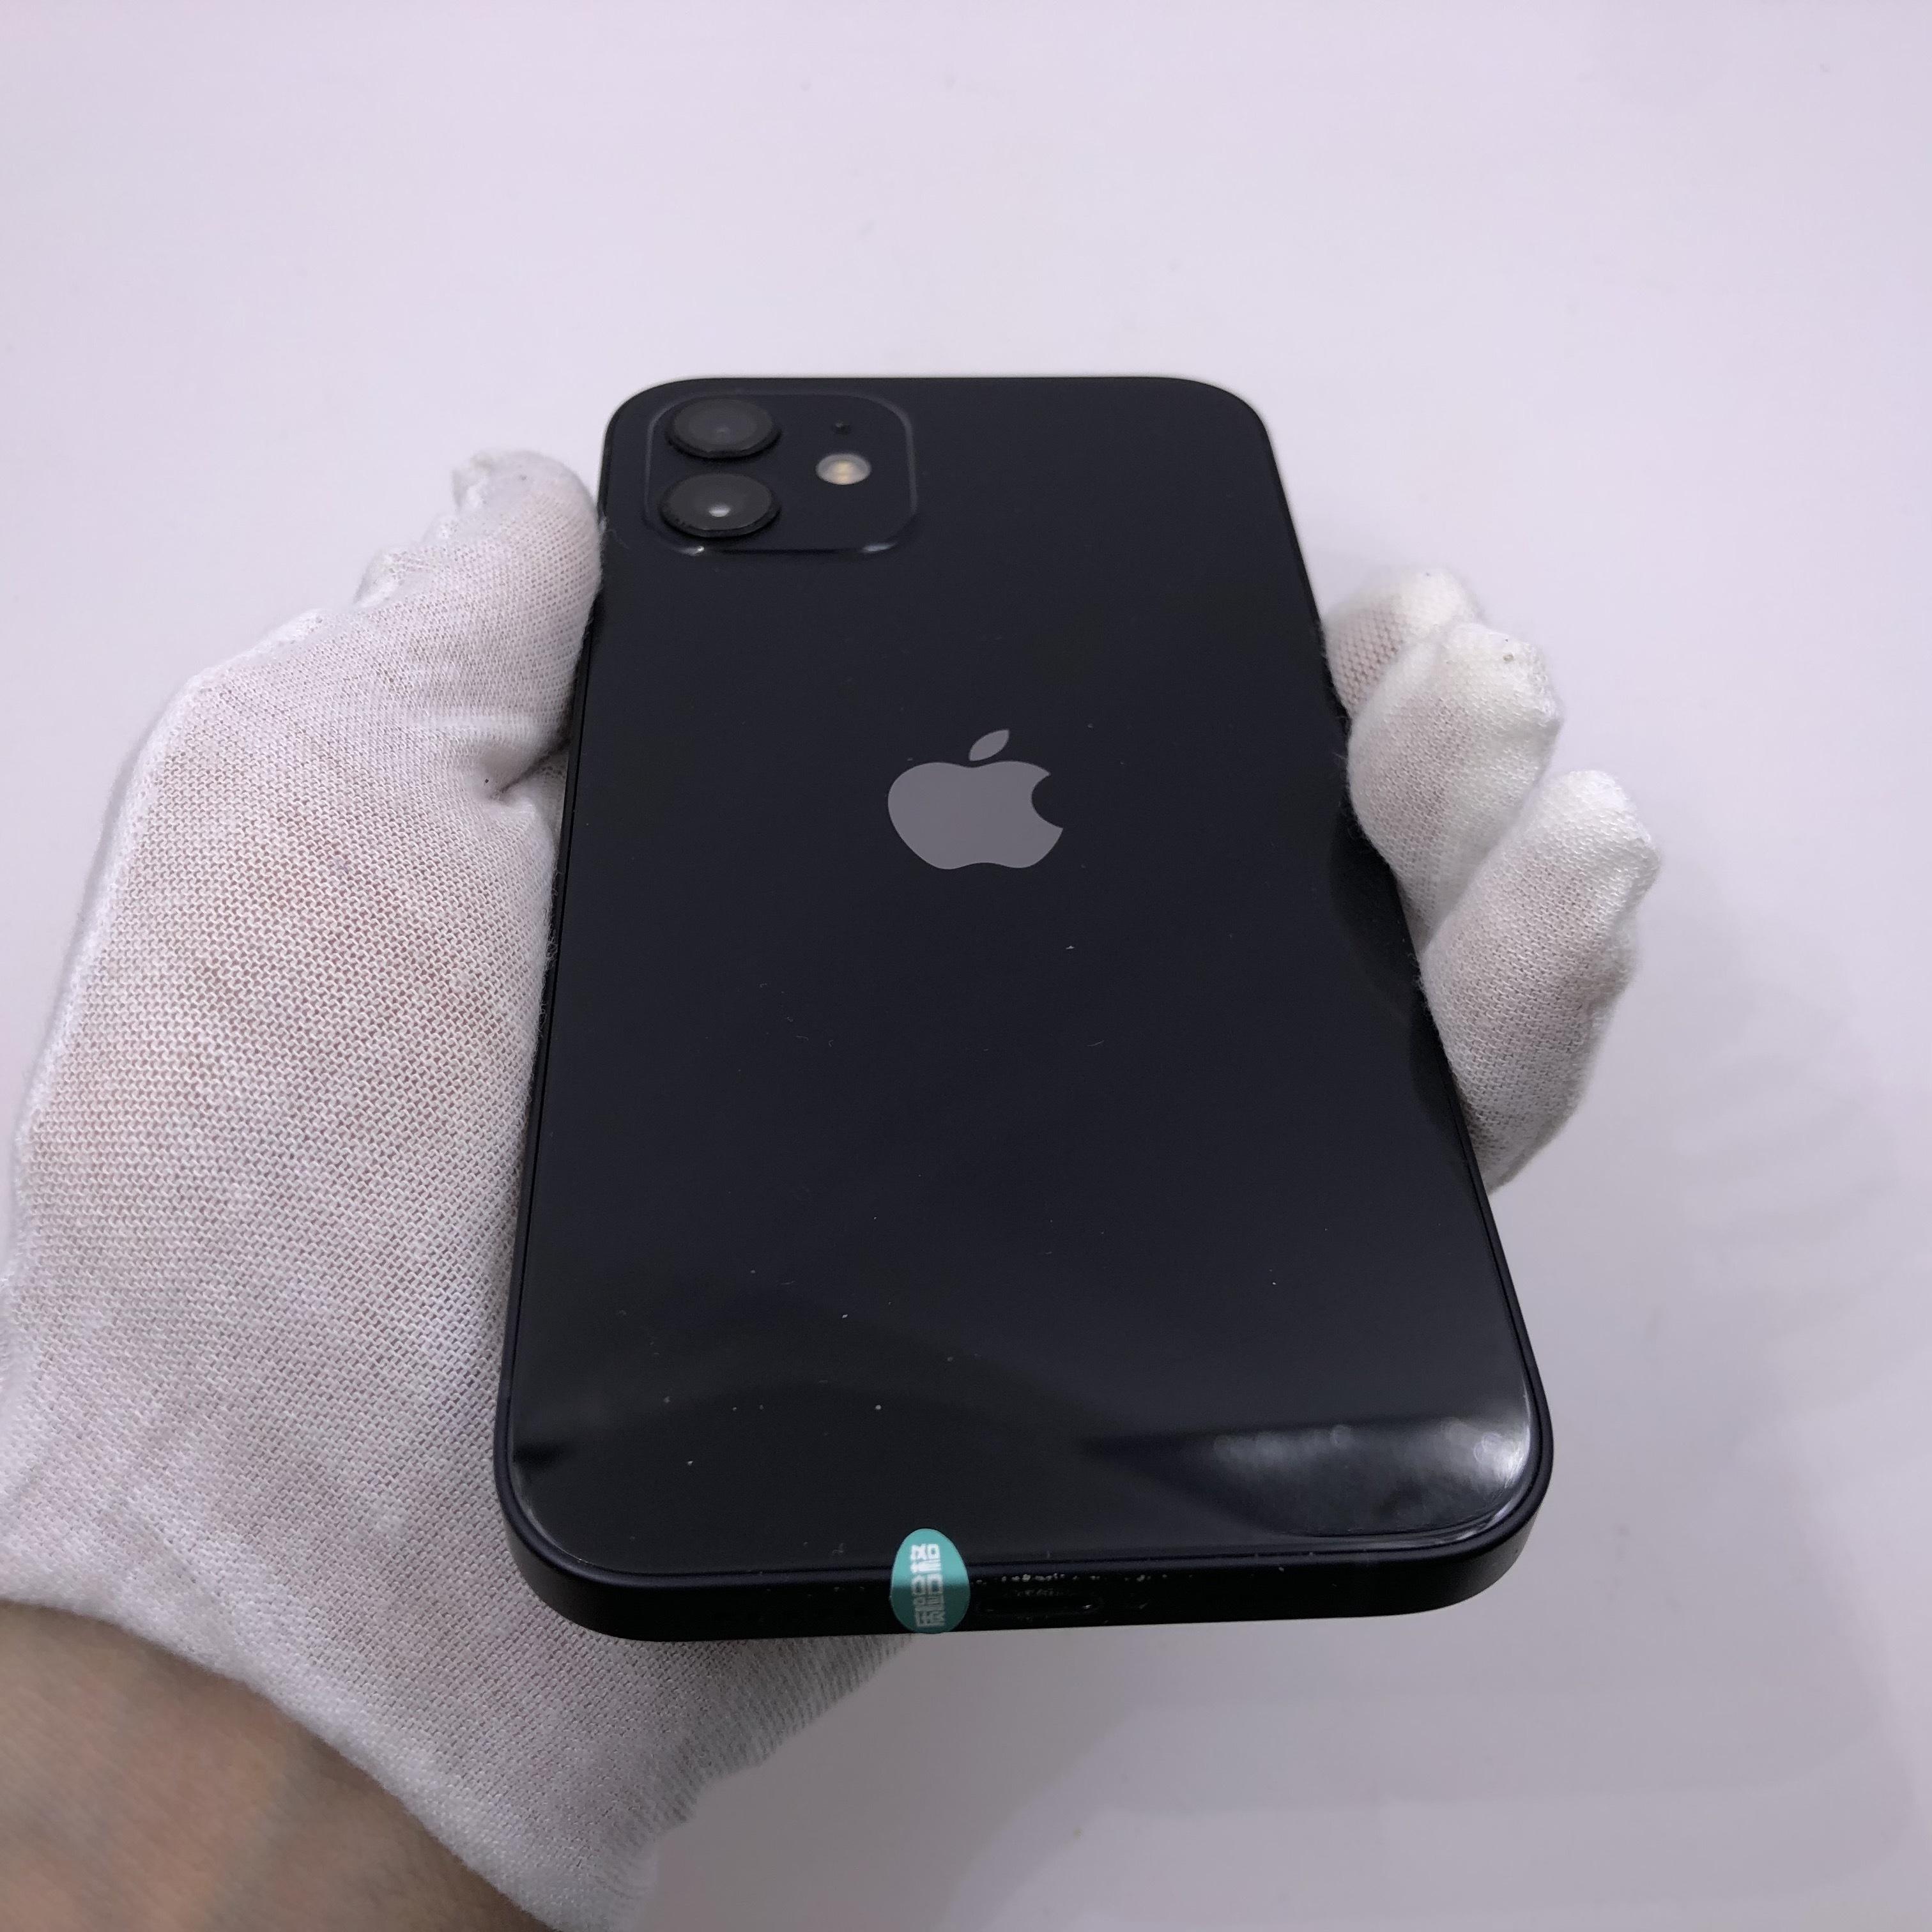 苹果【iPhone 12】5G全网通 黑色 128G 国行 9成新